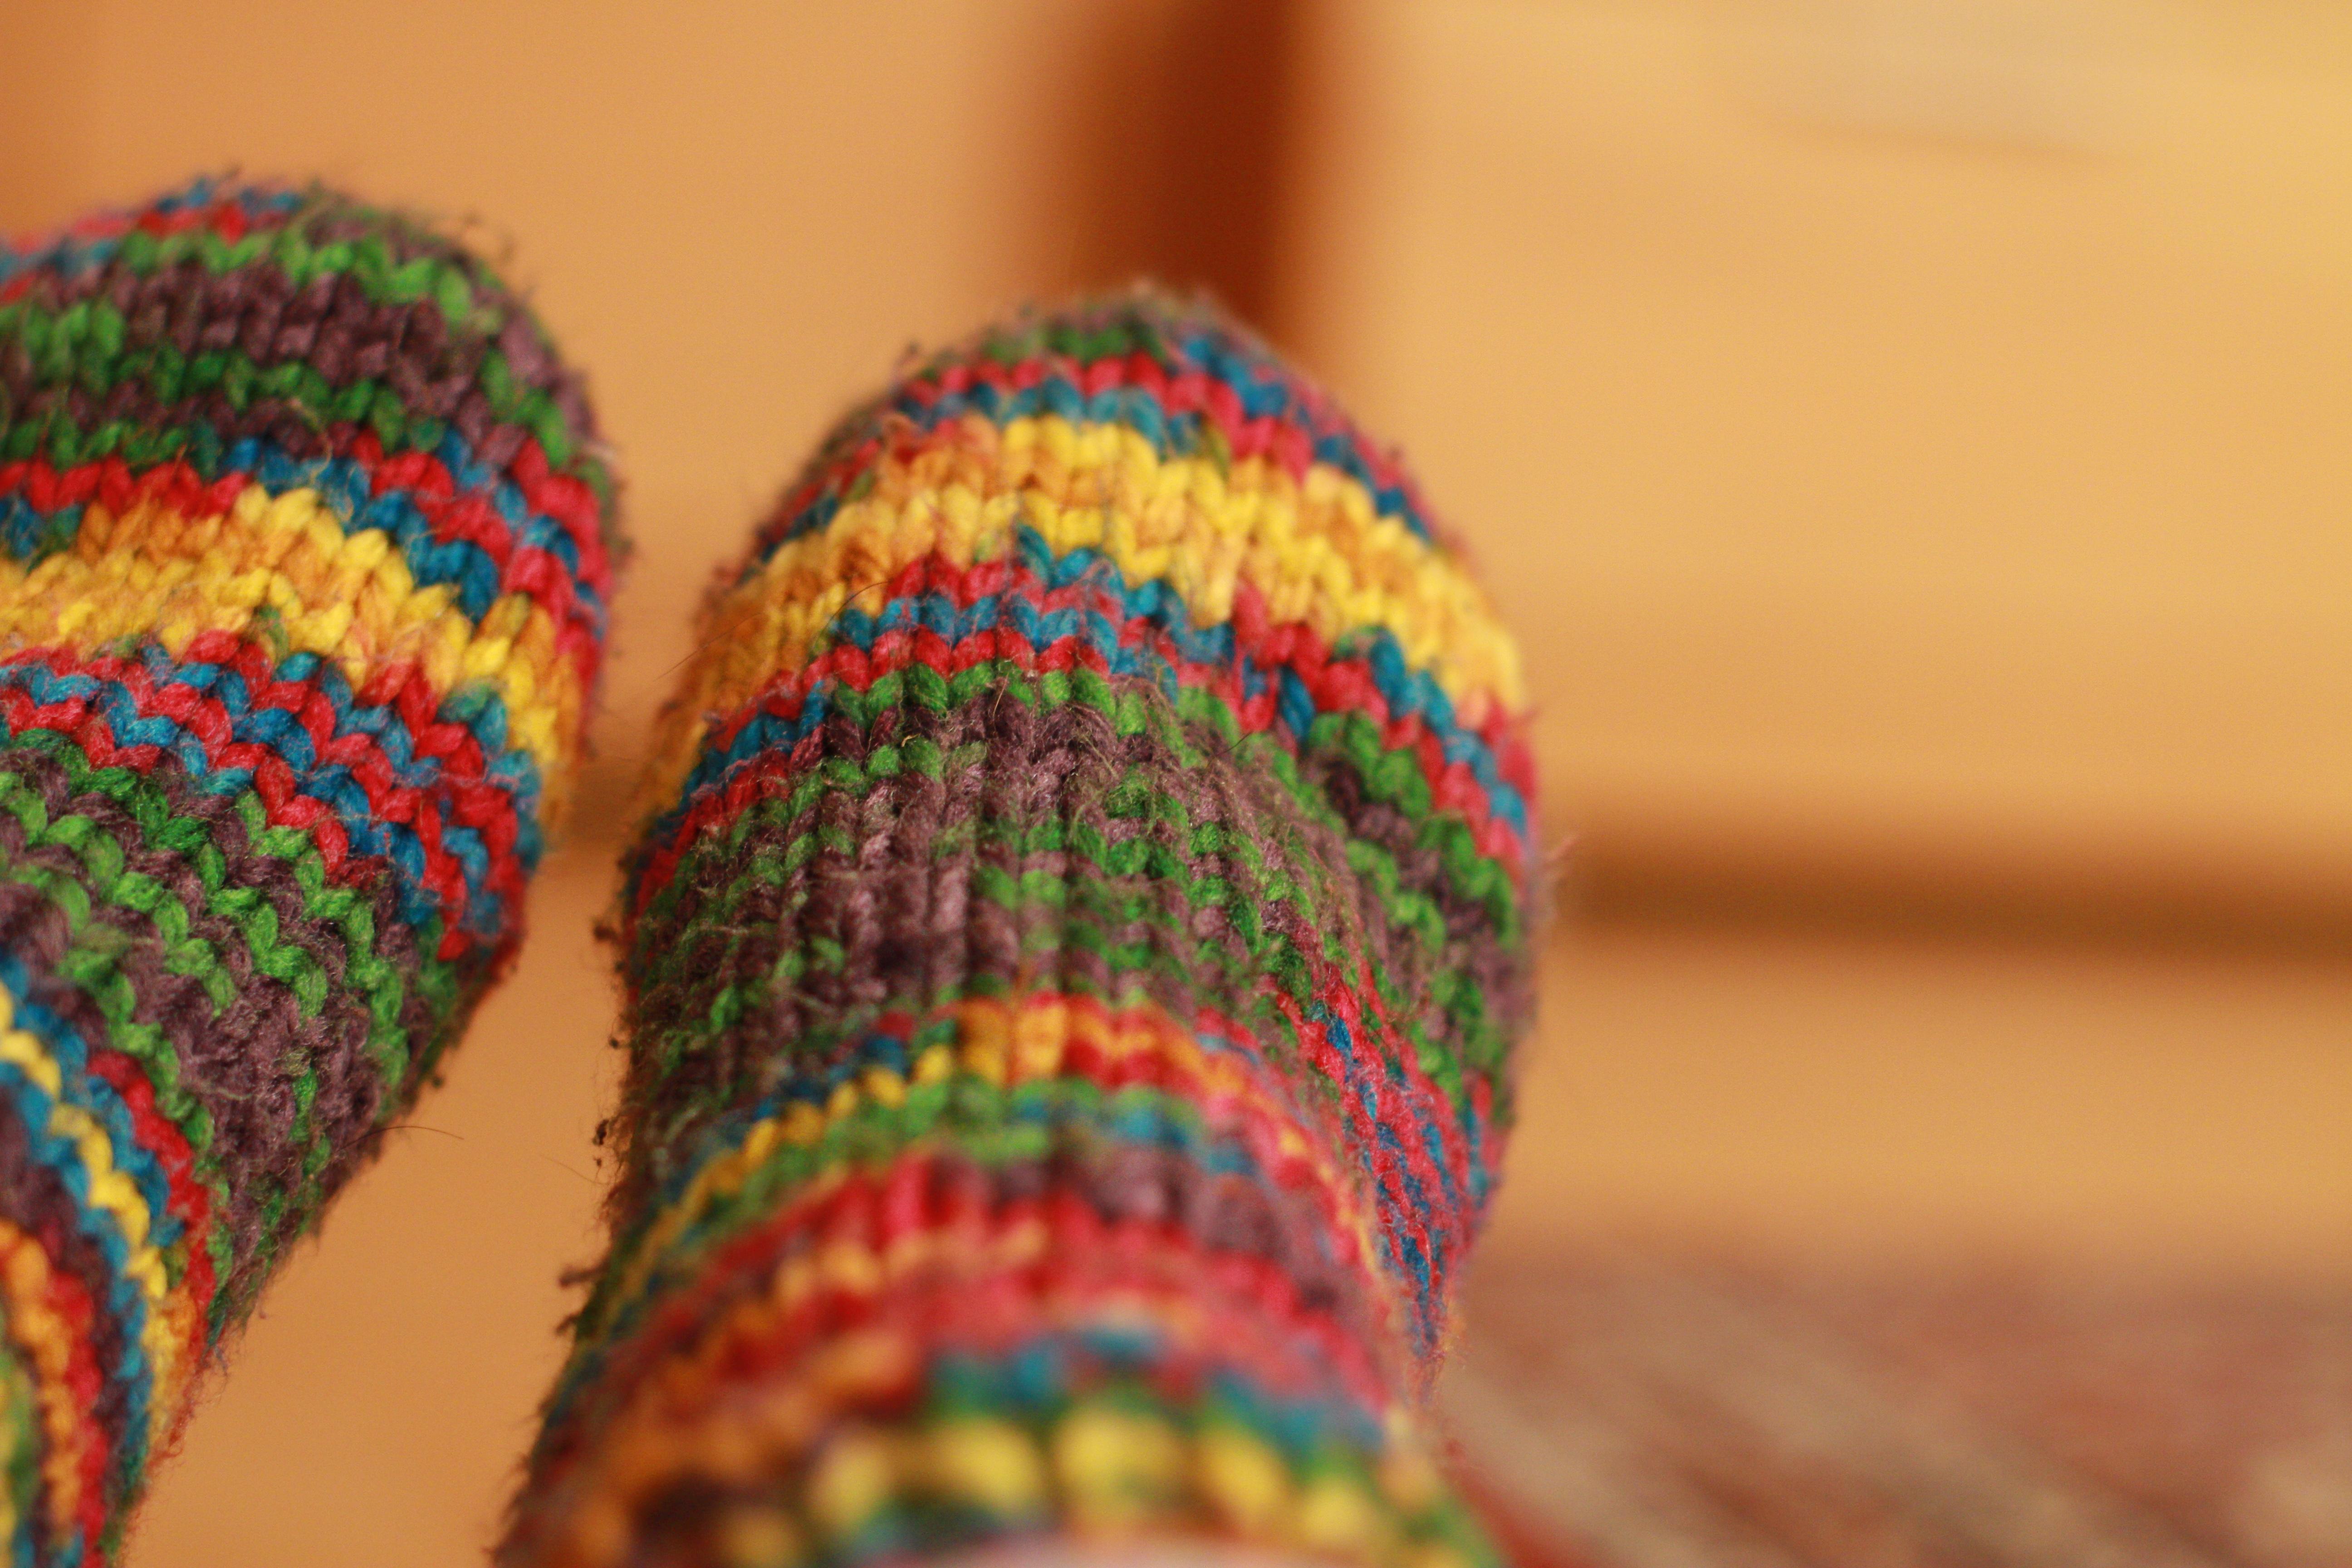 Fotos gratis : mano, invierno, calentar, flor, patrón, verde, color ...